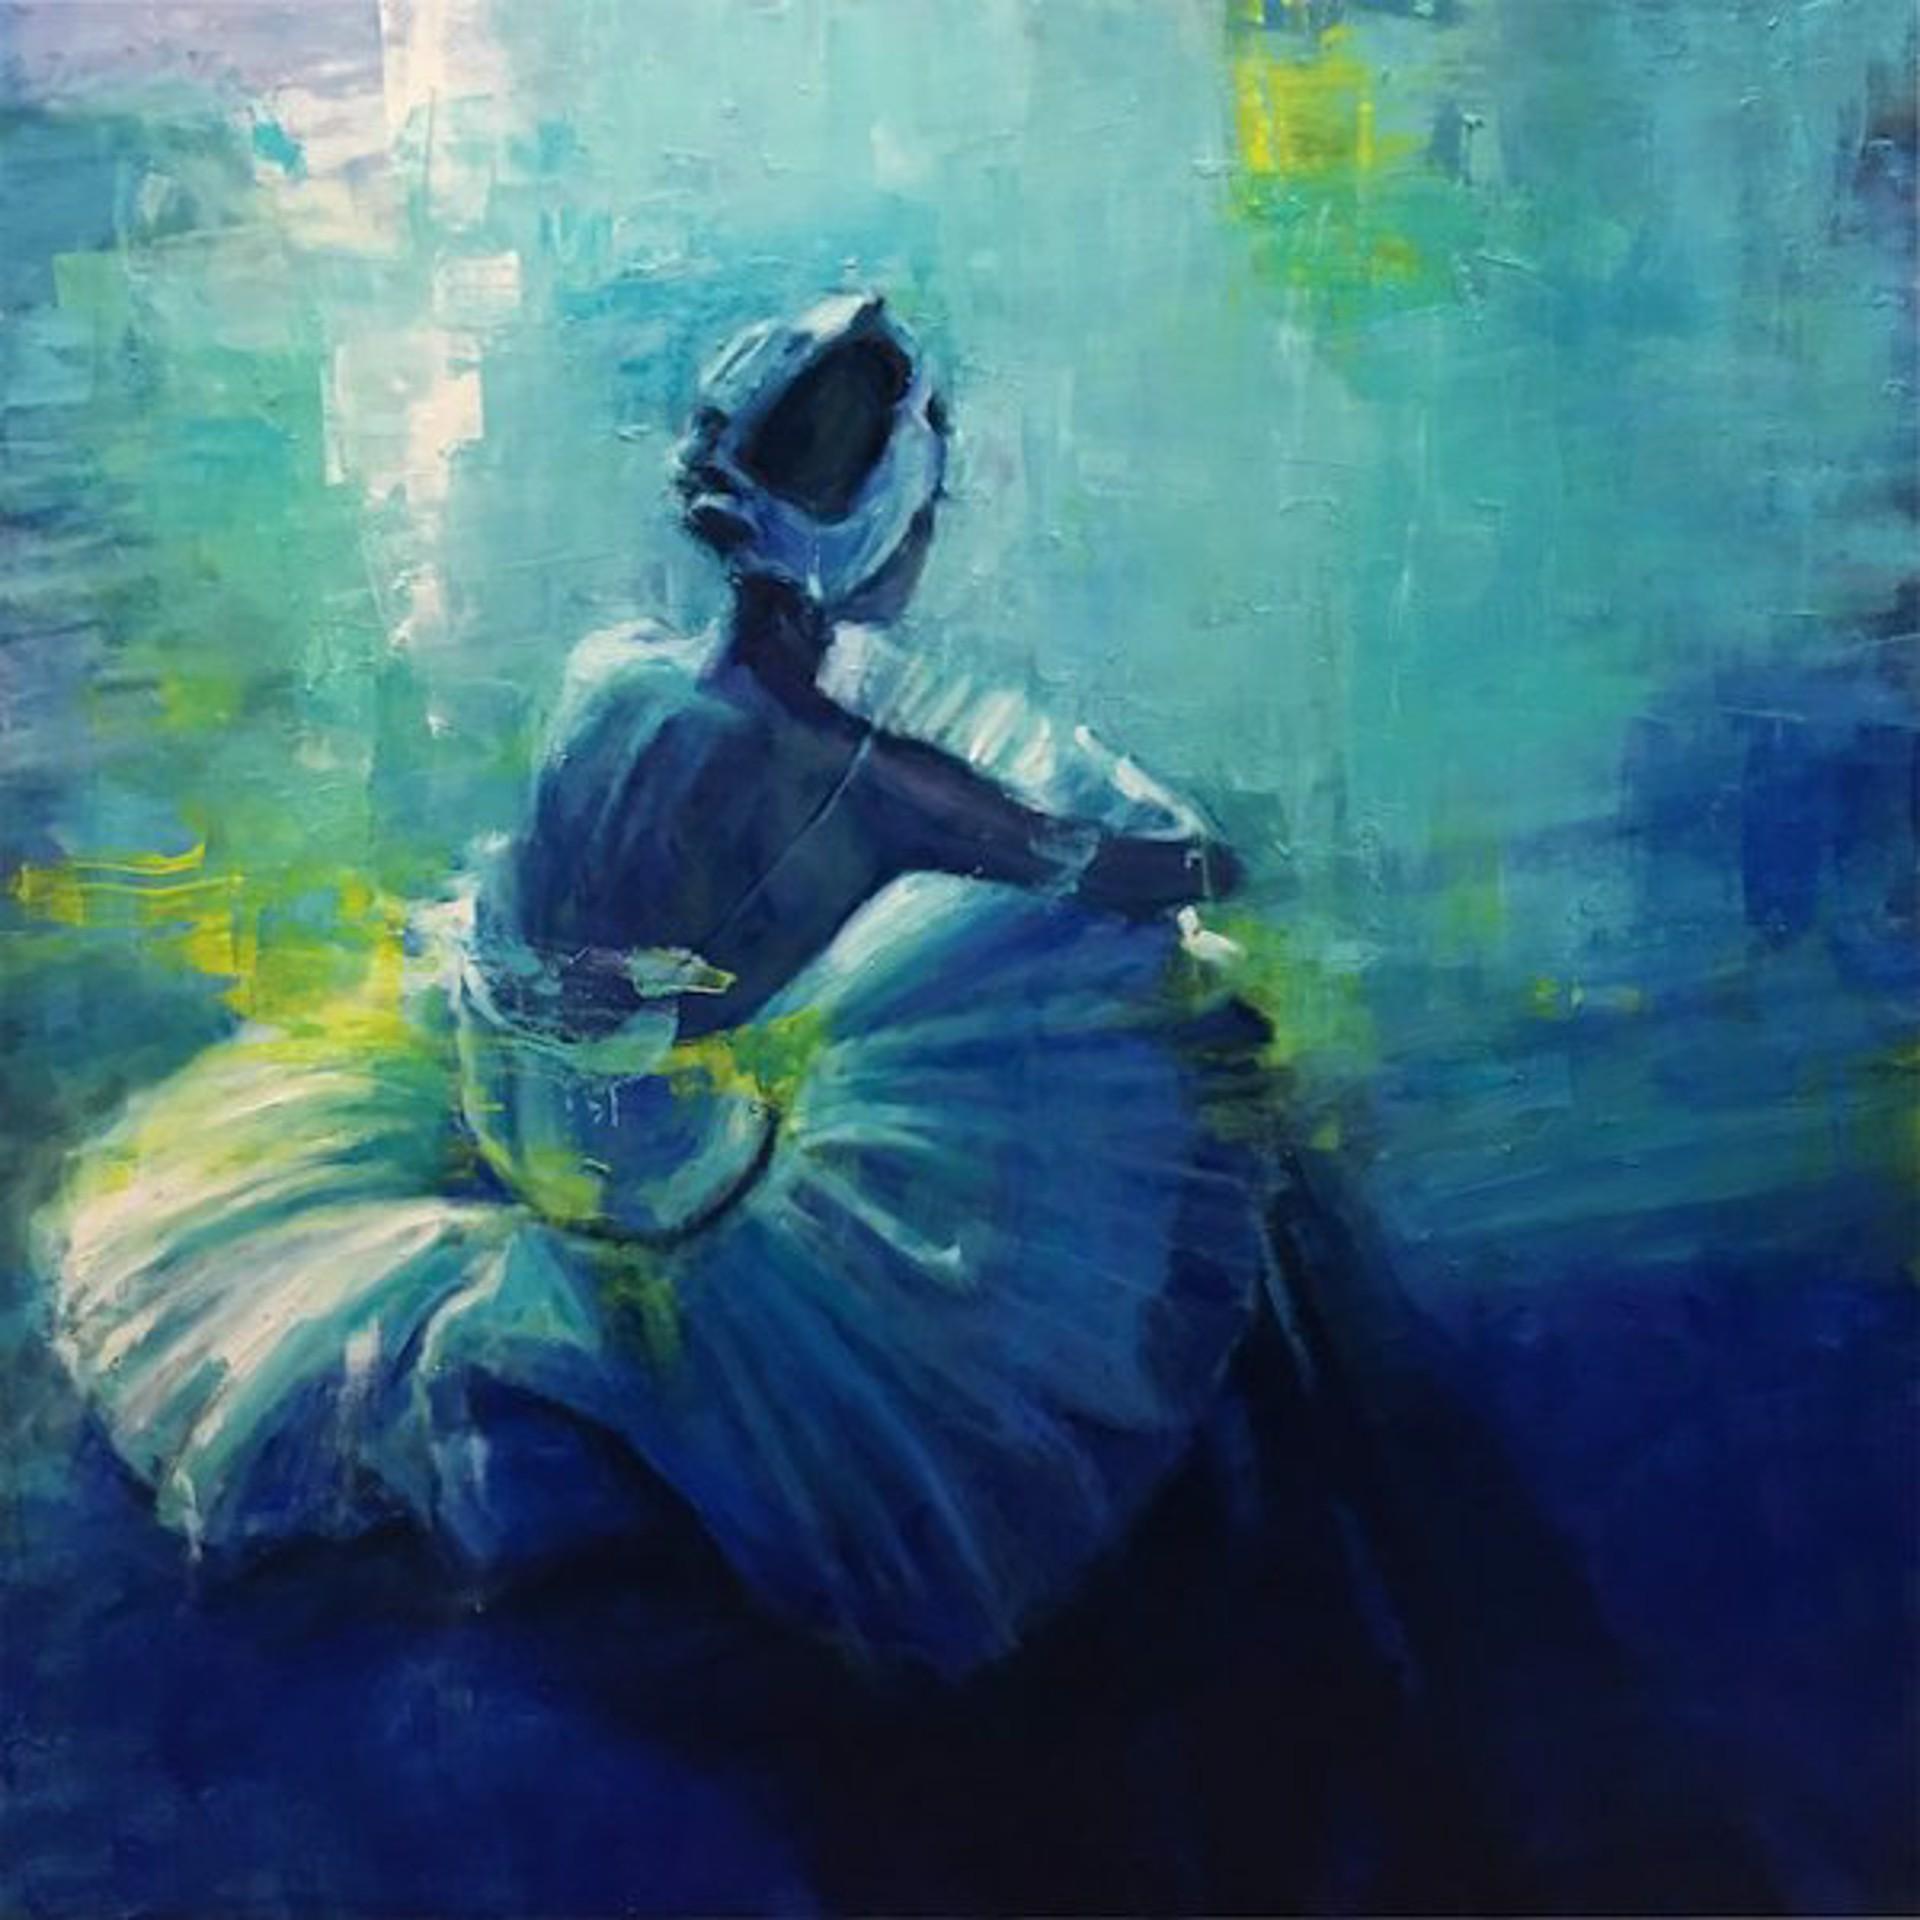 Pil Ho Lee: Repose In Blue by Pil Ho Lee